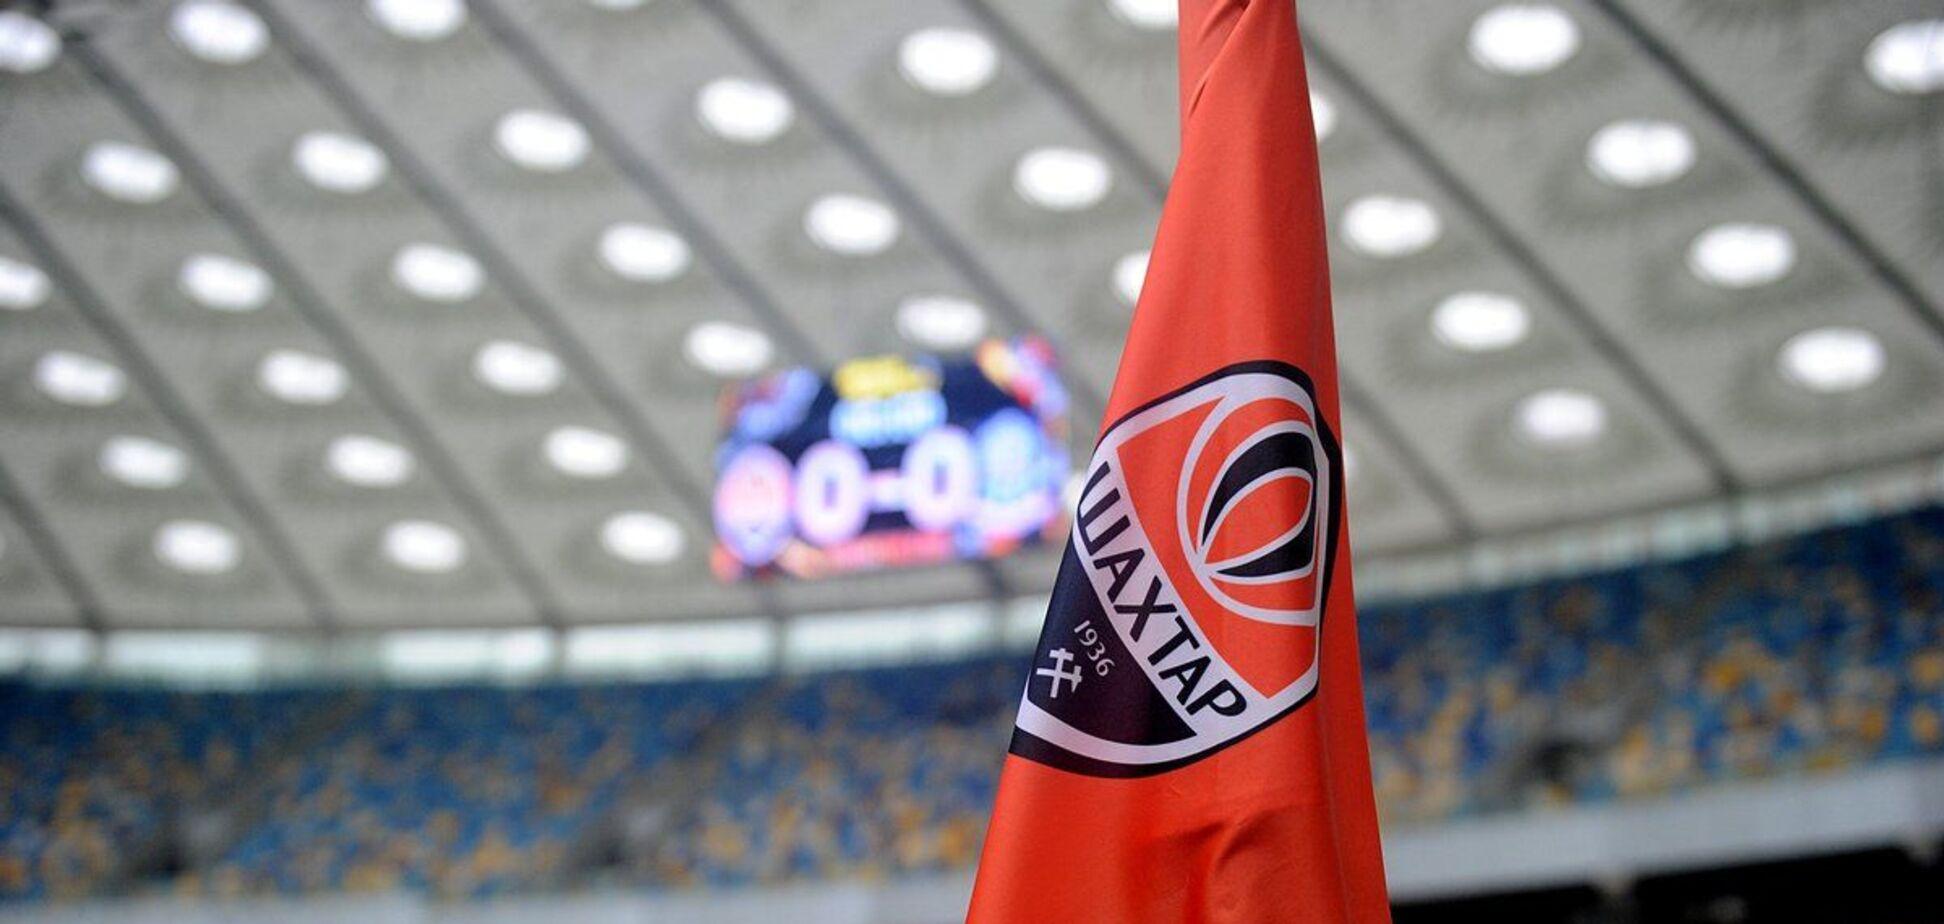 'Шахтер' проводит домашние матчи на НСК 'Олимпийский'